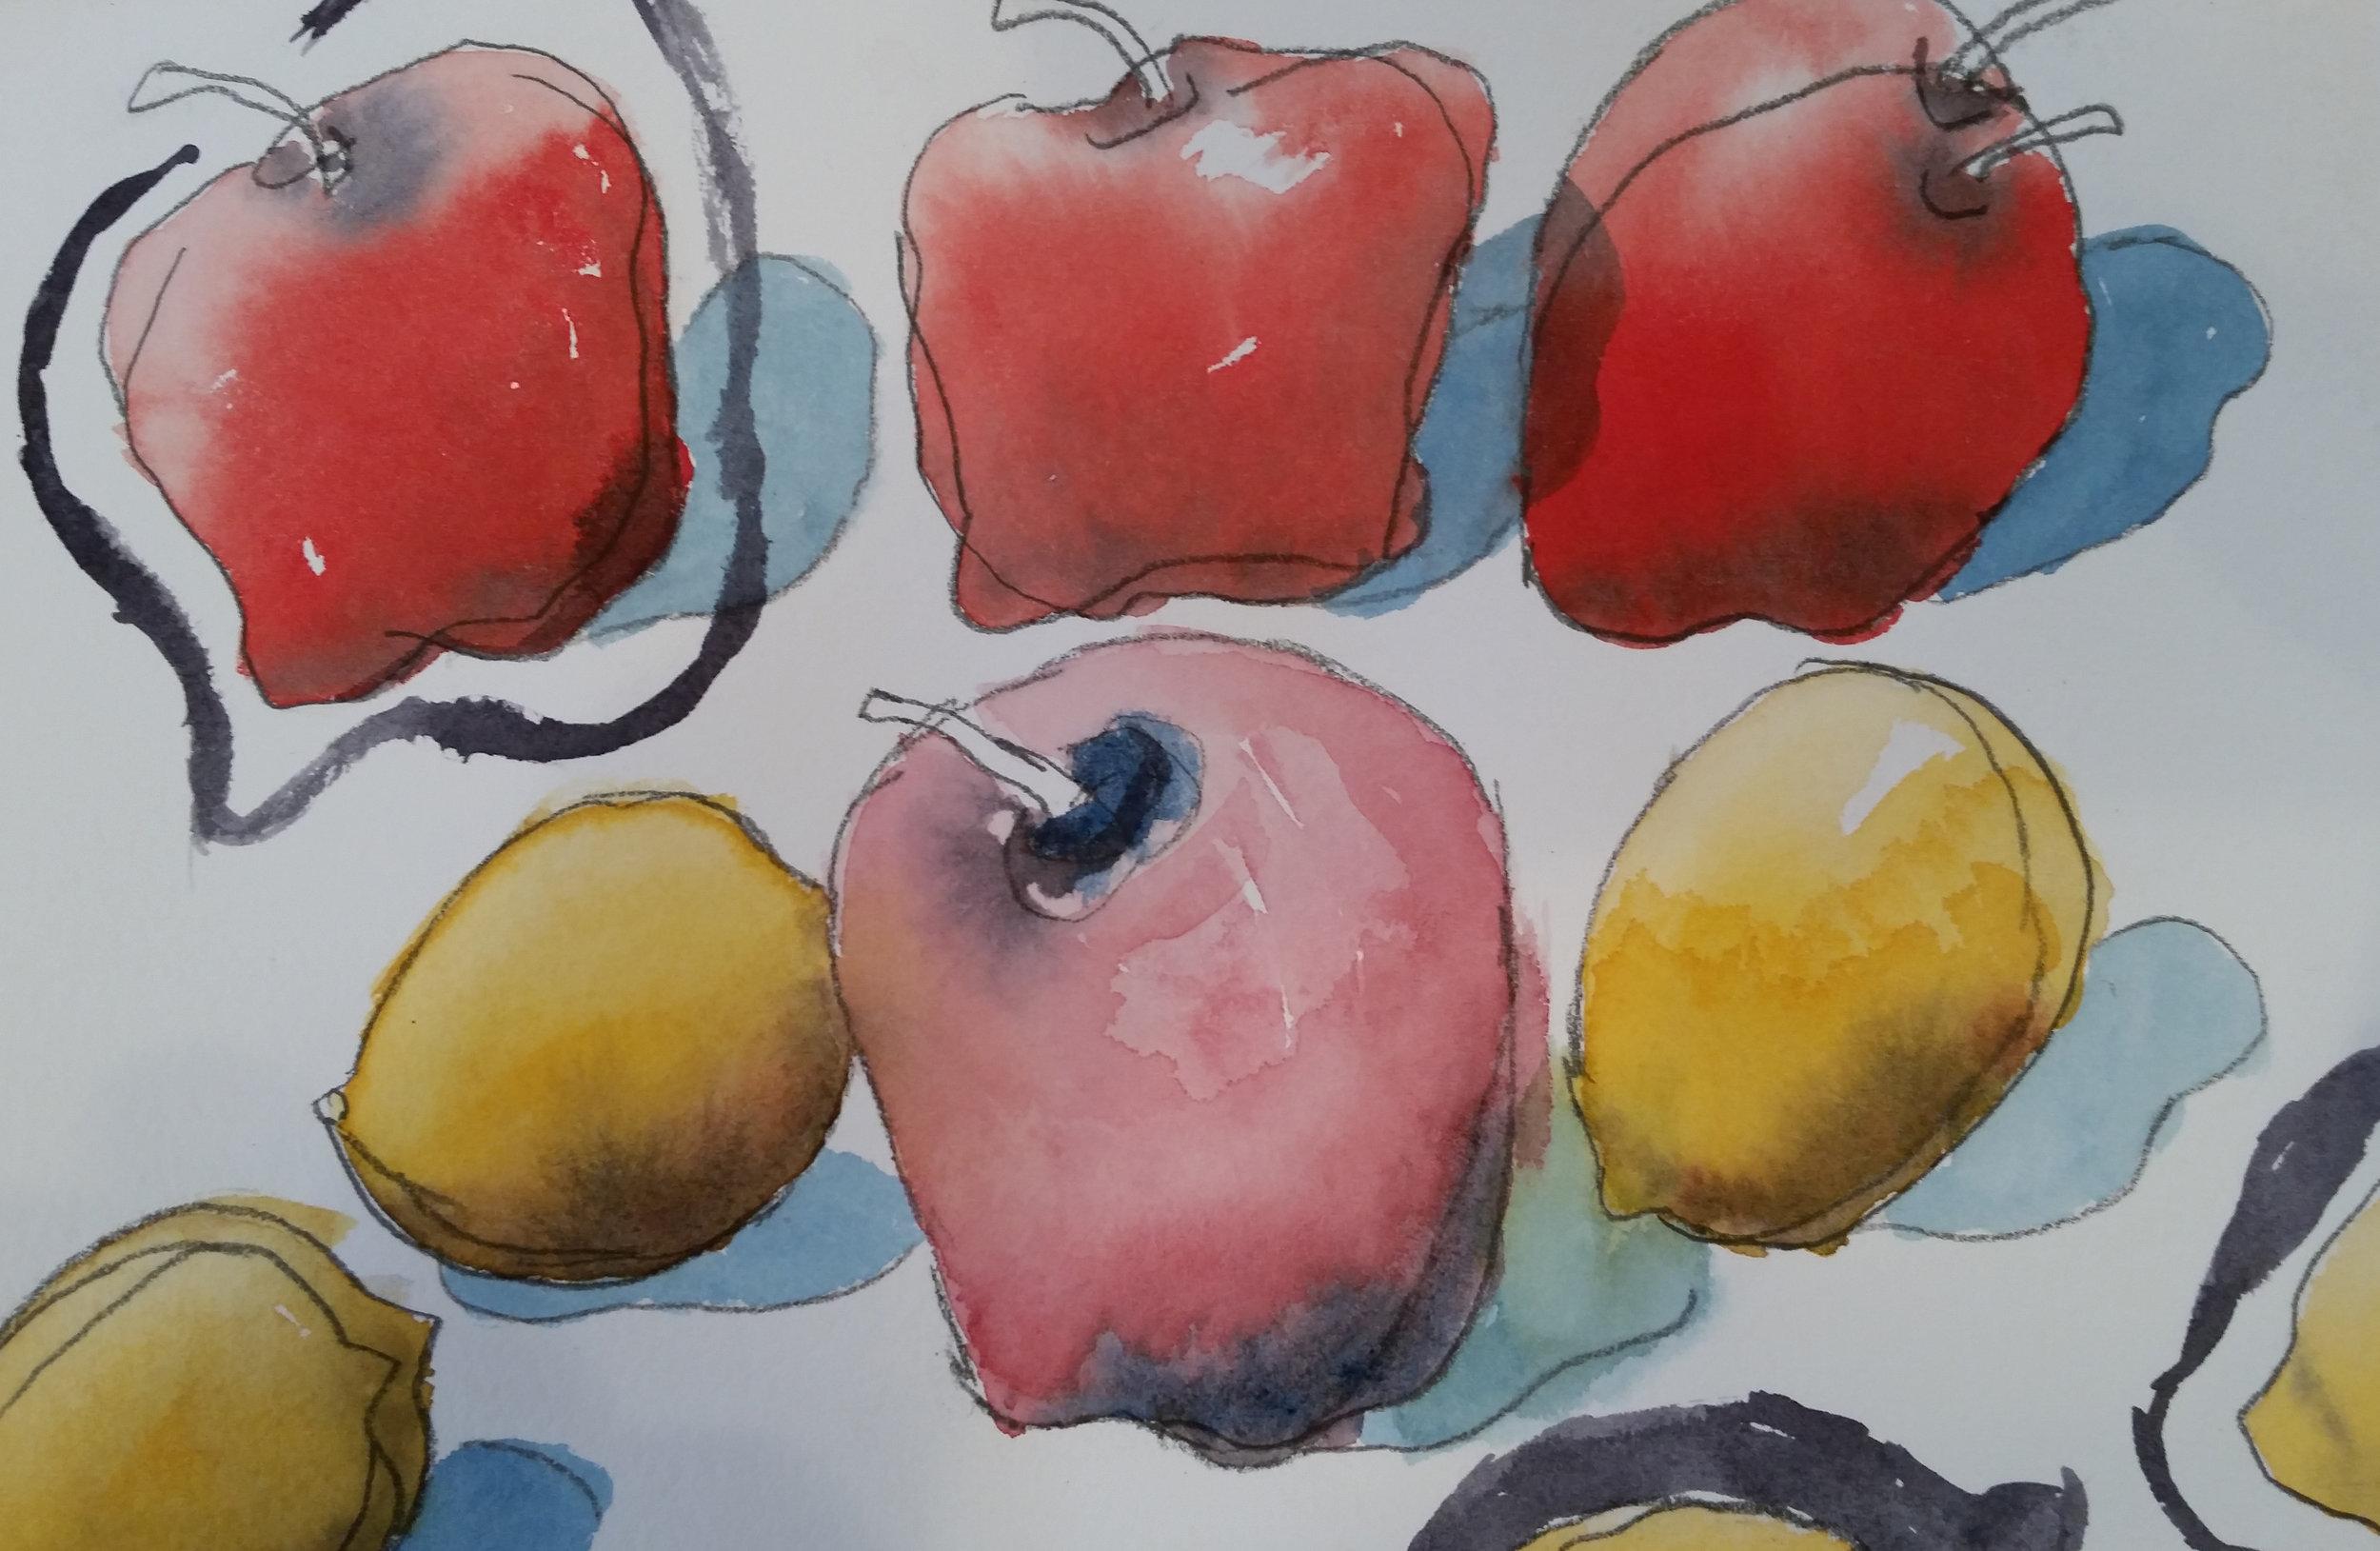 Apples Ben crop.jpg